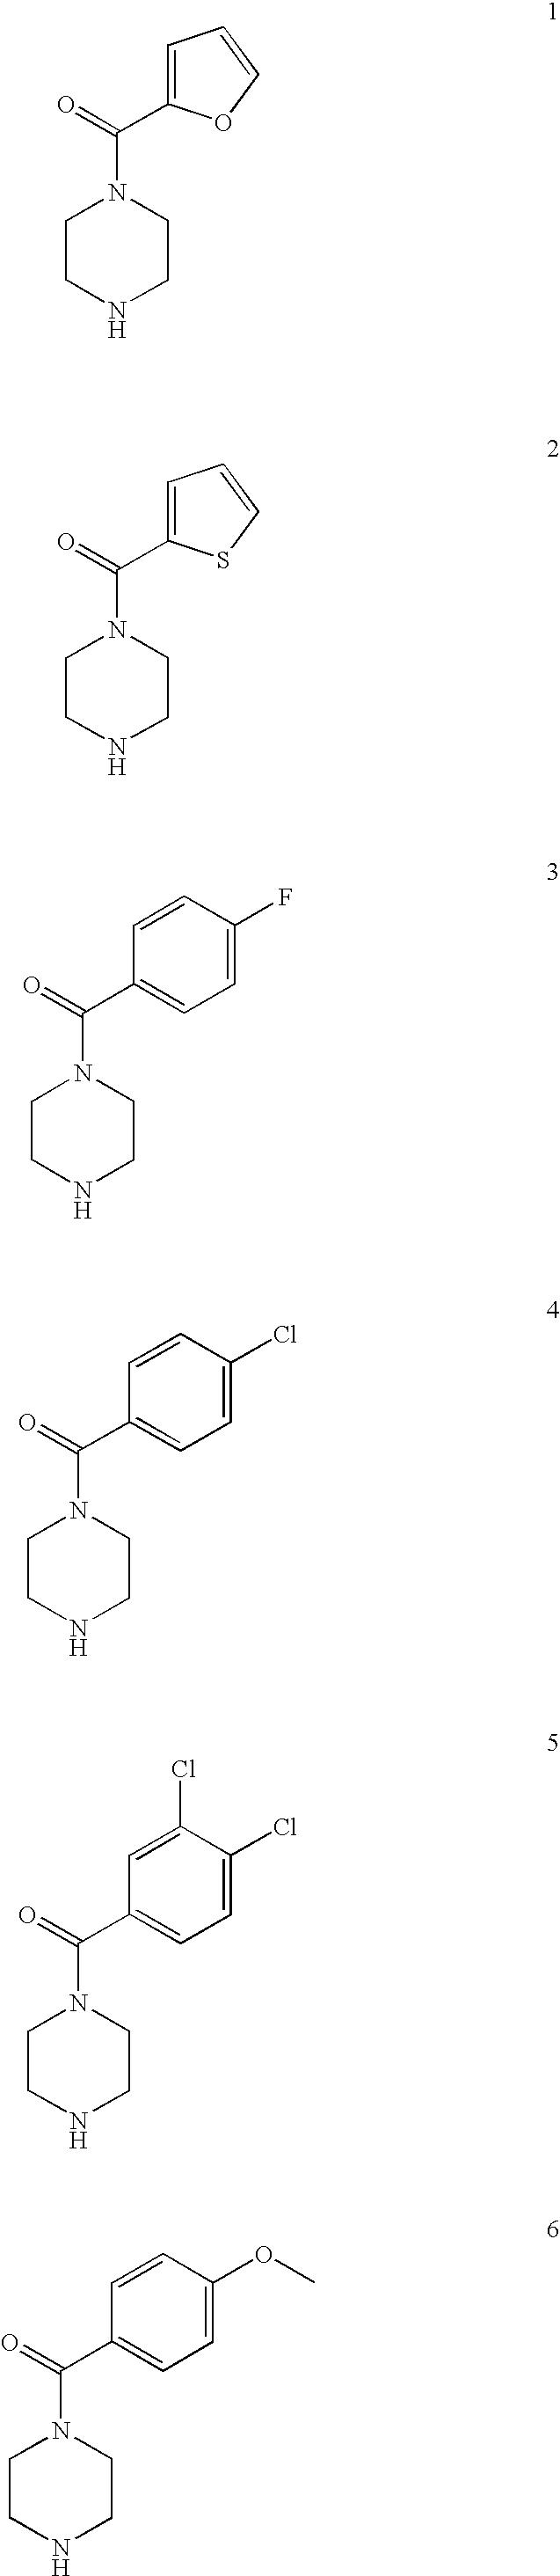 Figure US07230106-20070612-C00255